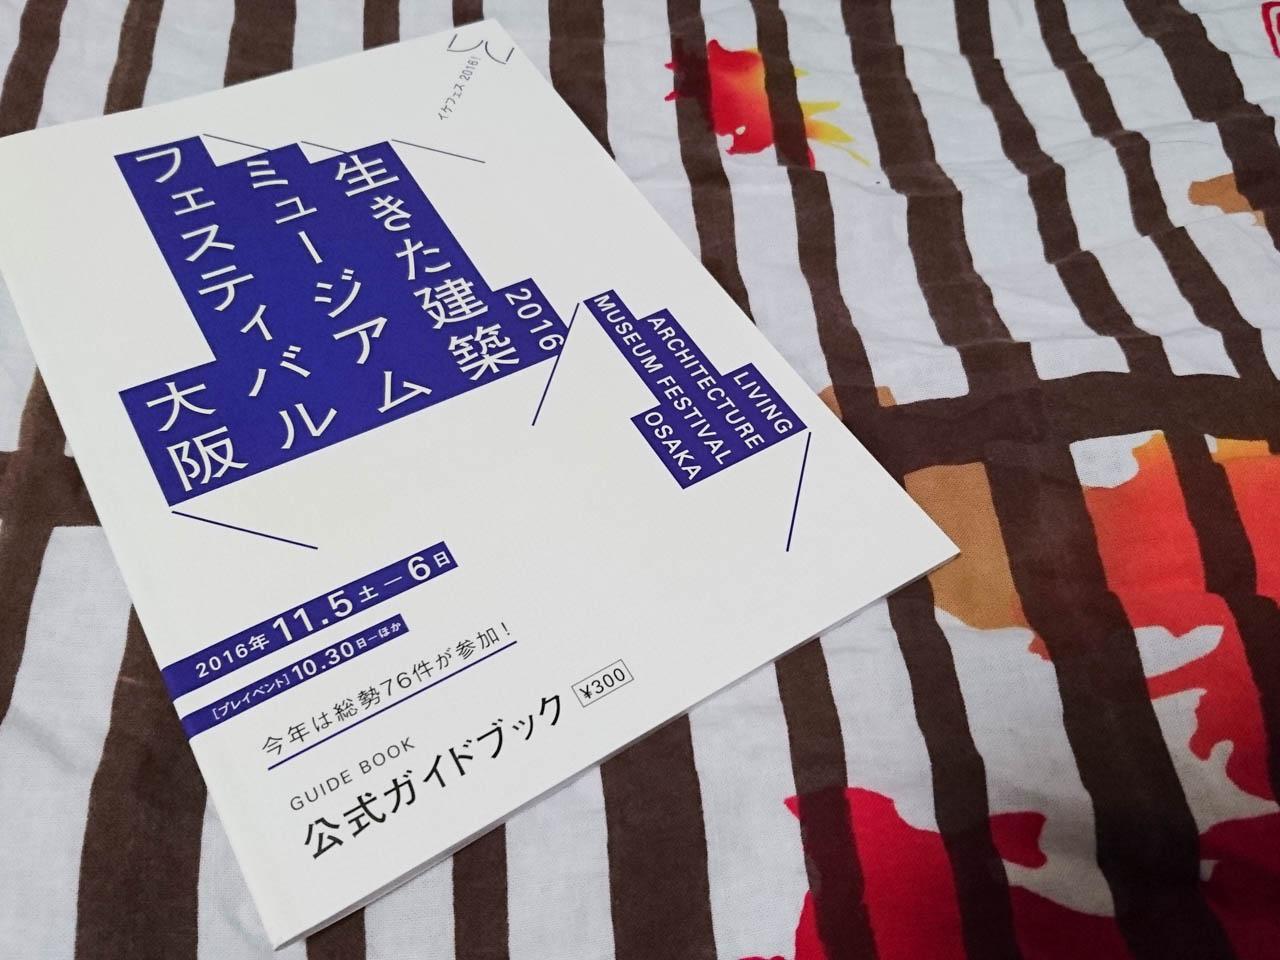 生きた建築ミュージアムフェスティバル大阪